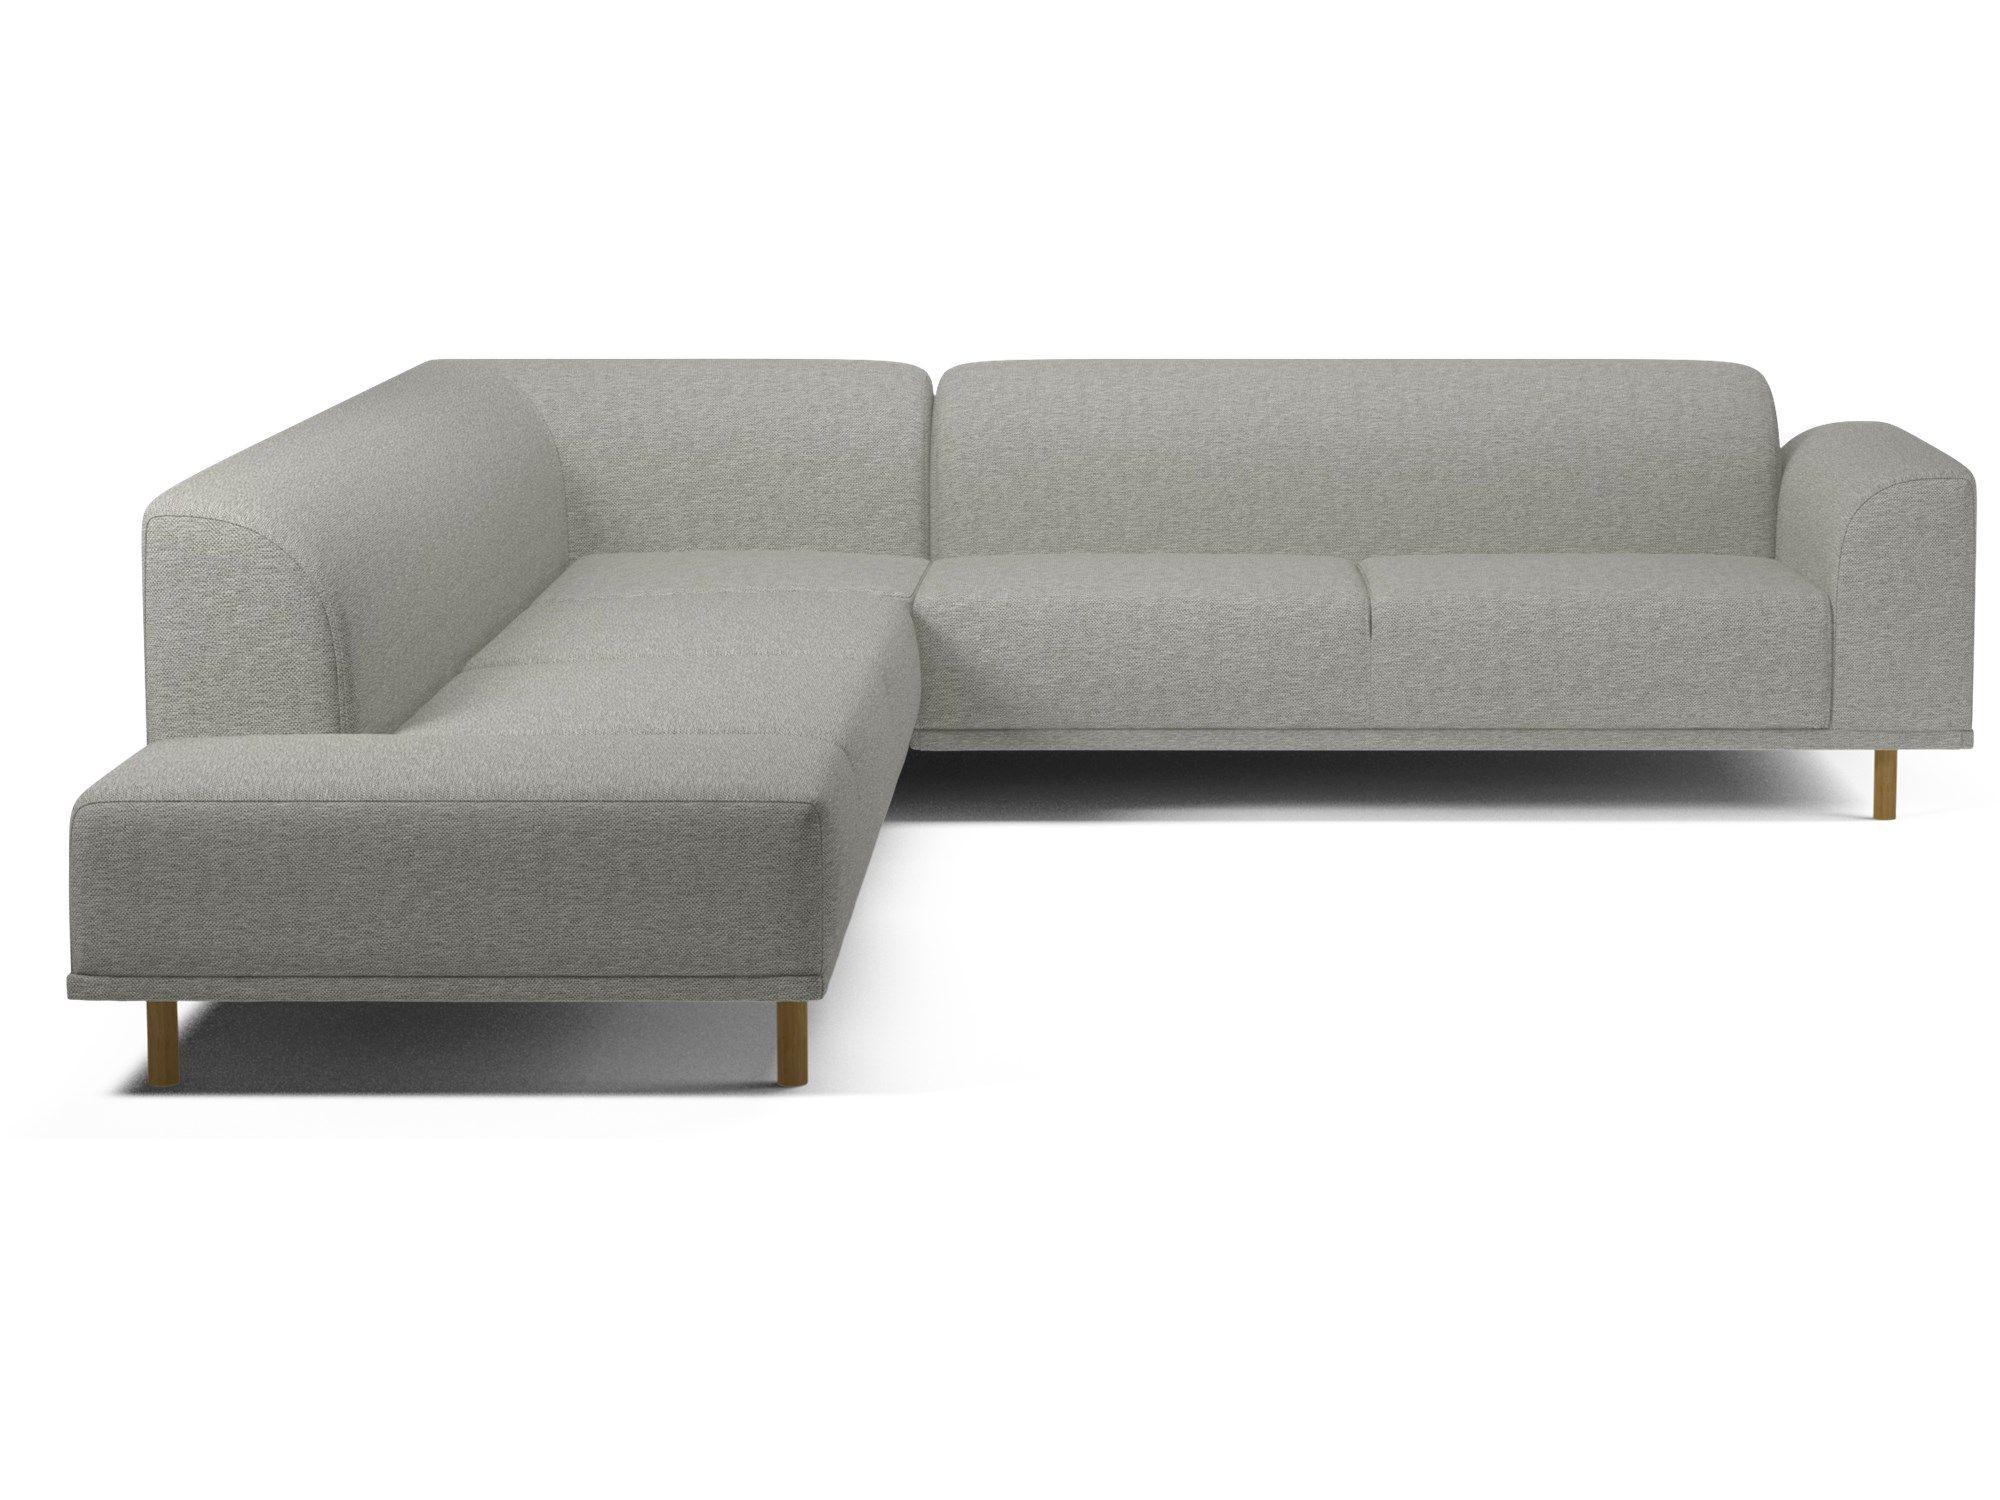 Hannah 7 pers sofa fra Bolia Flere alternativer i utforming og